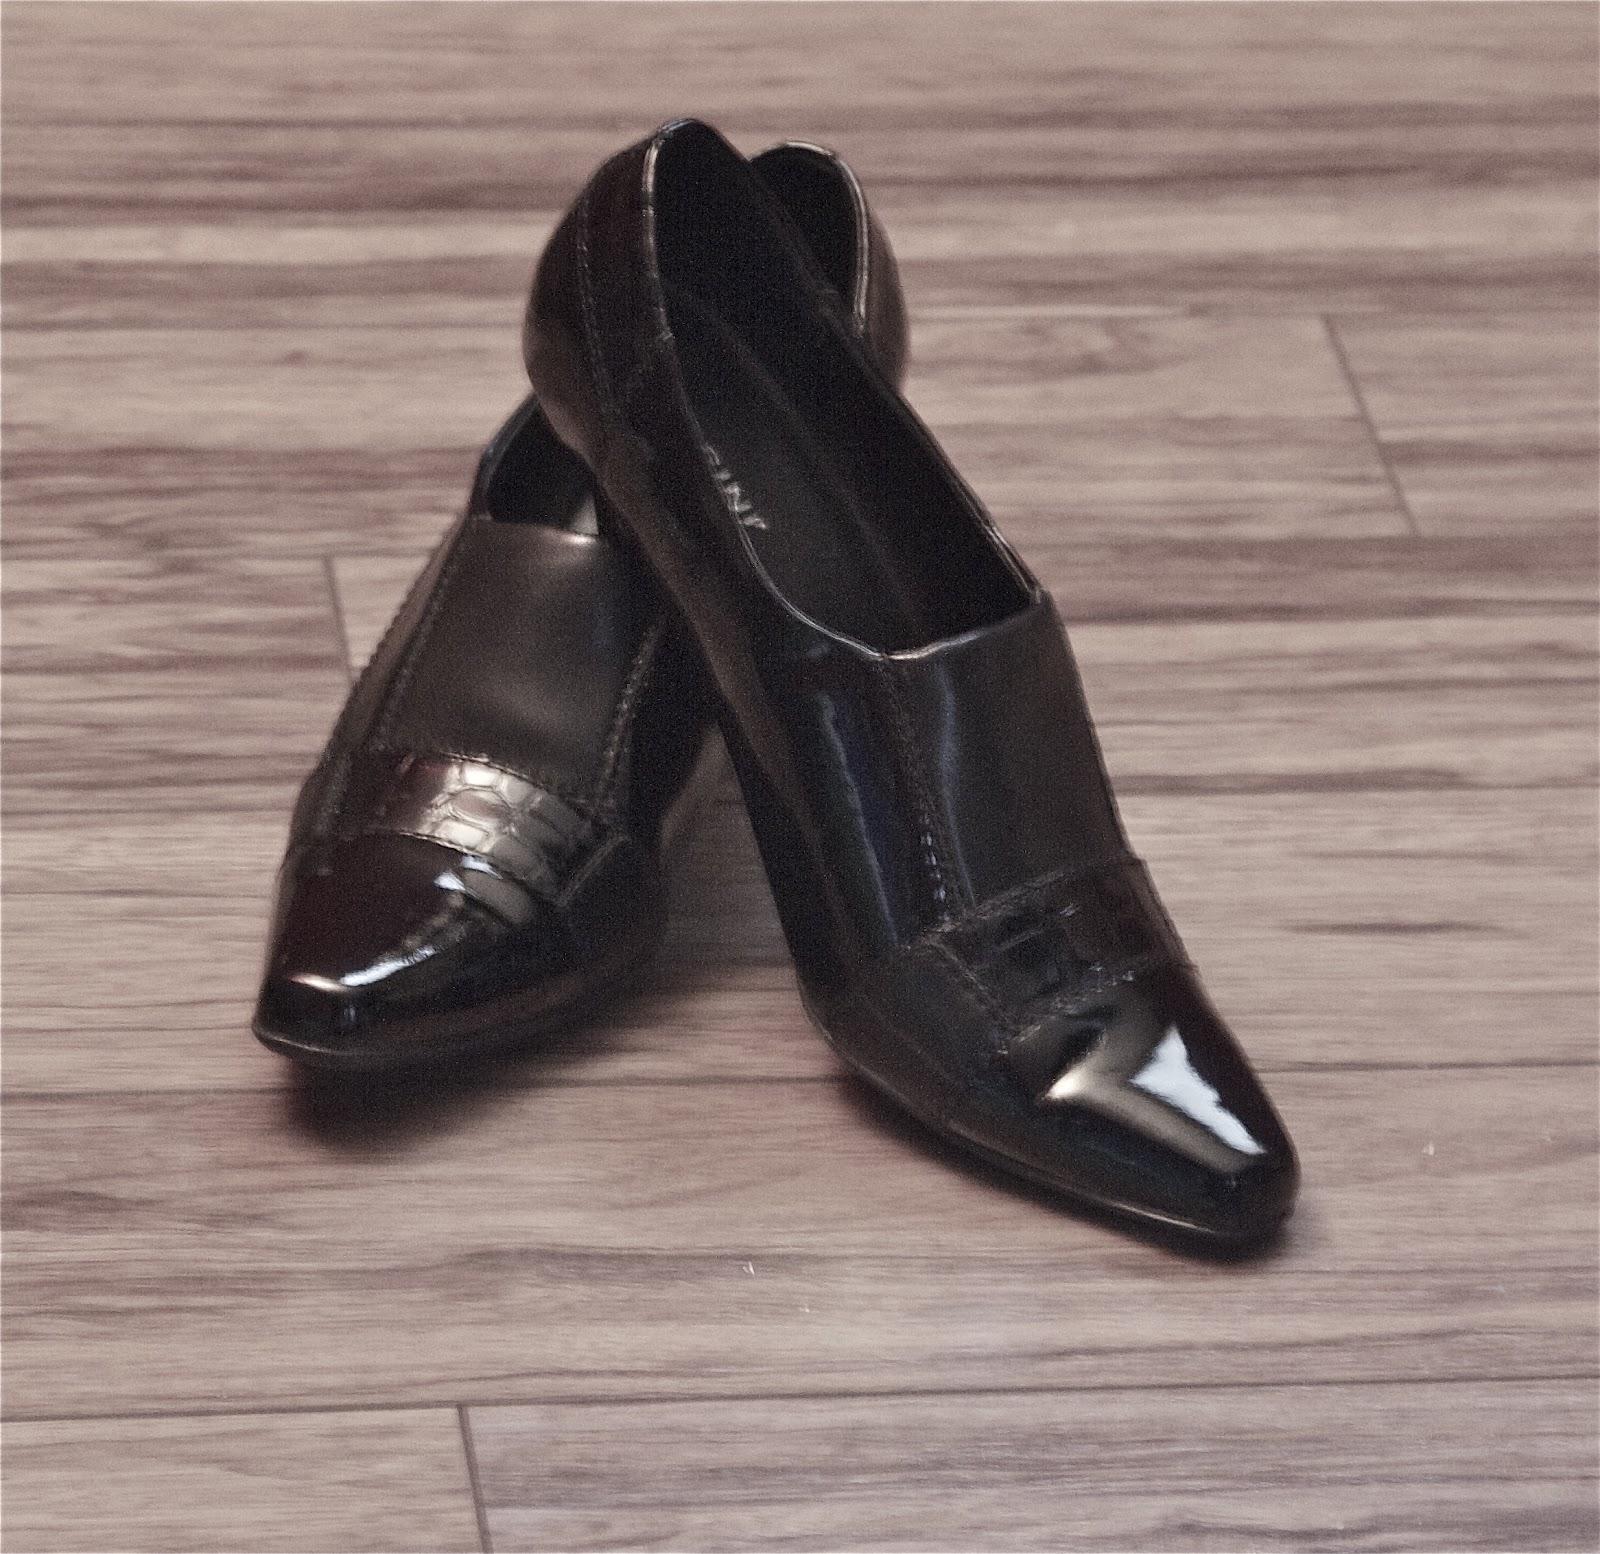 New Hogan Shoes